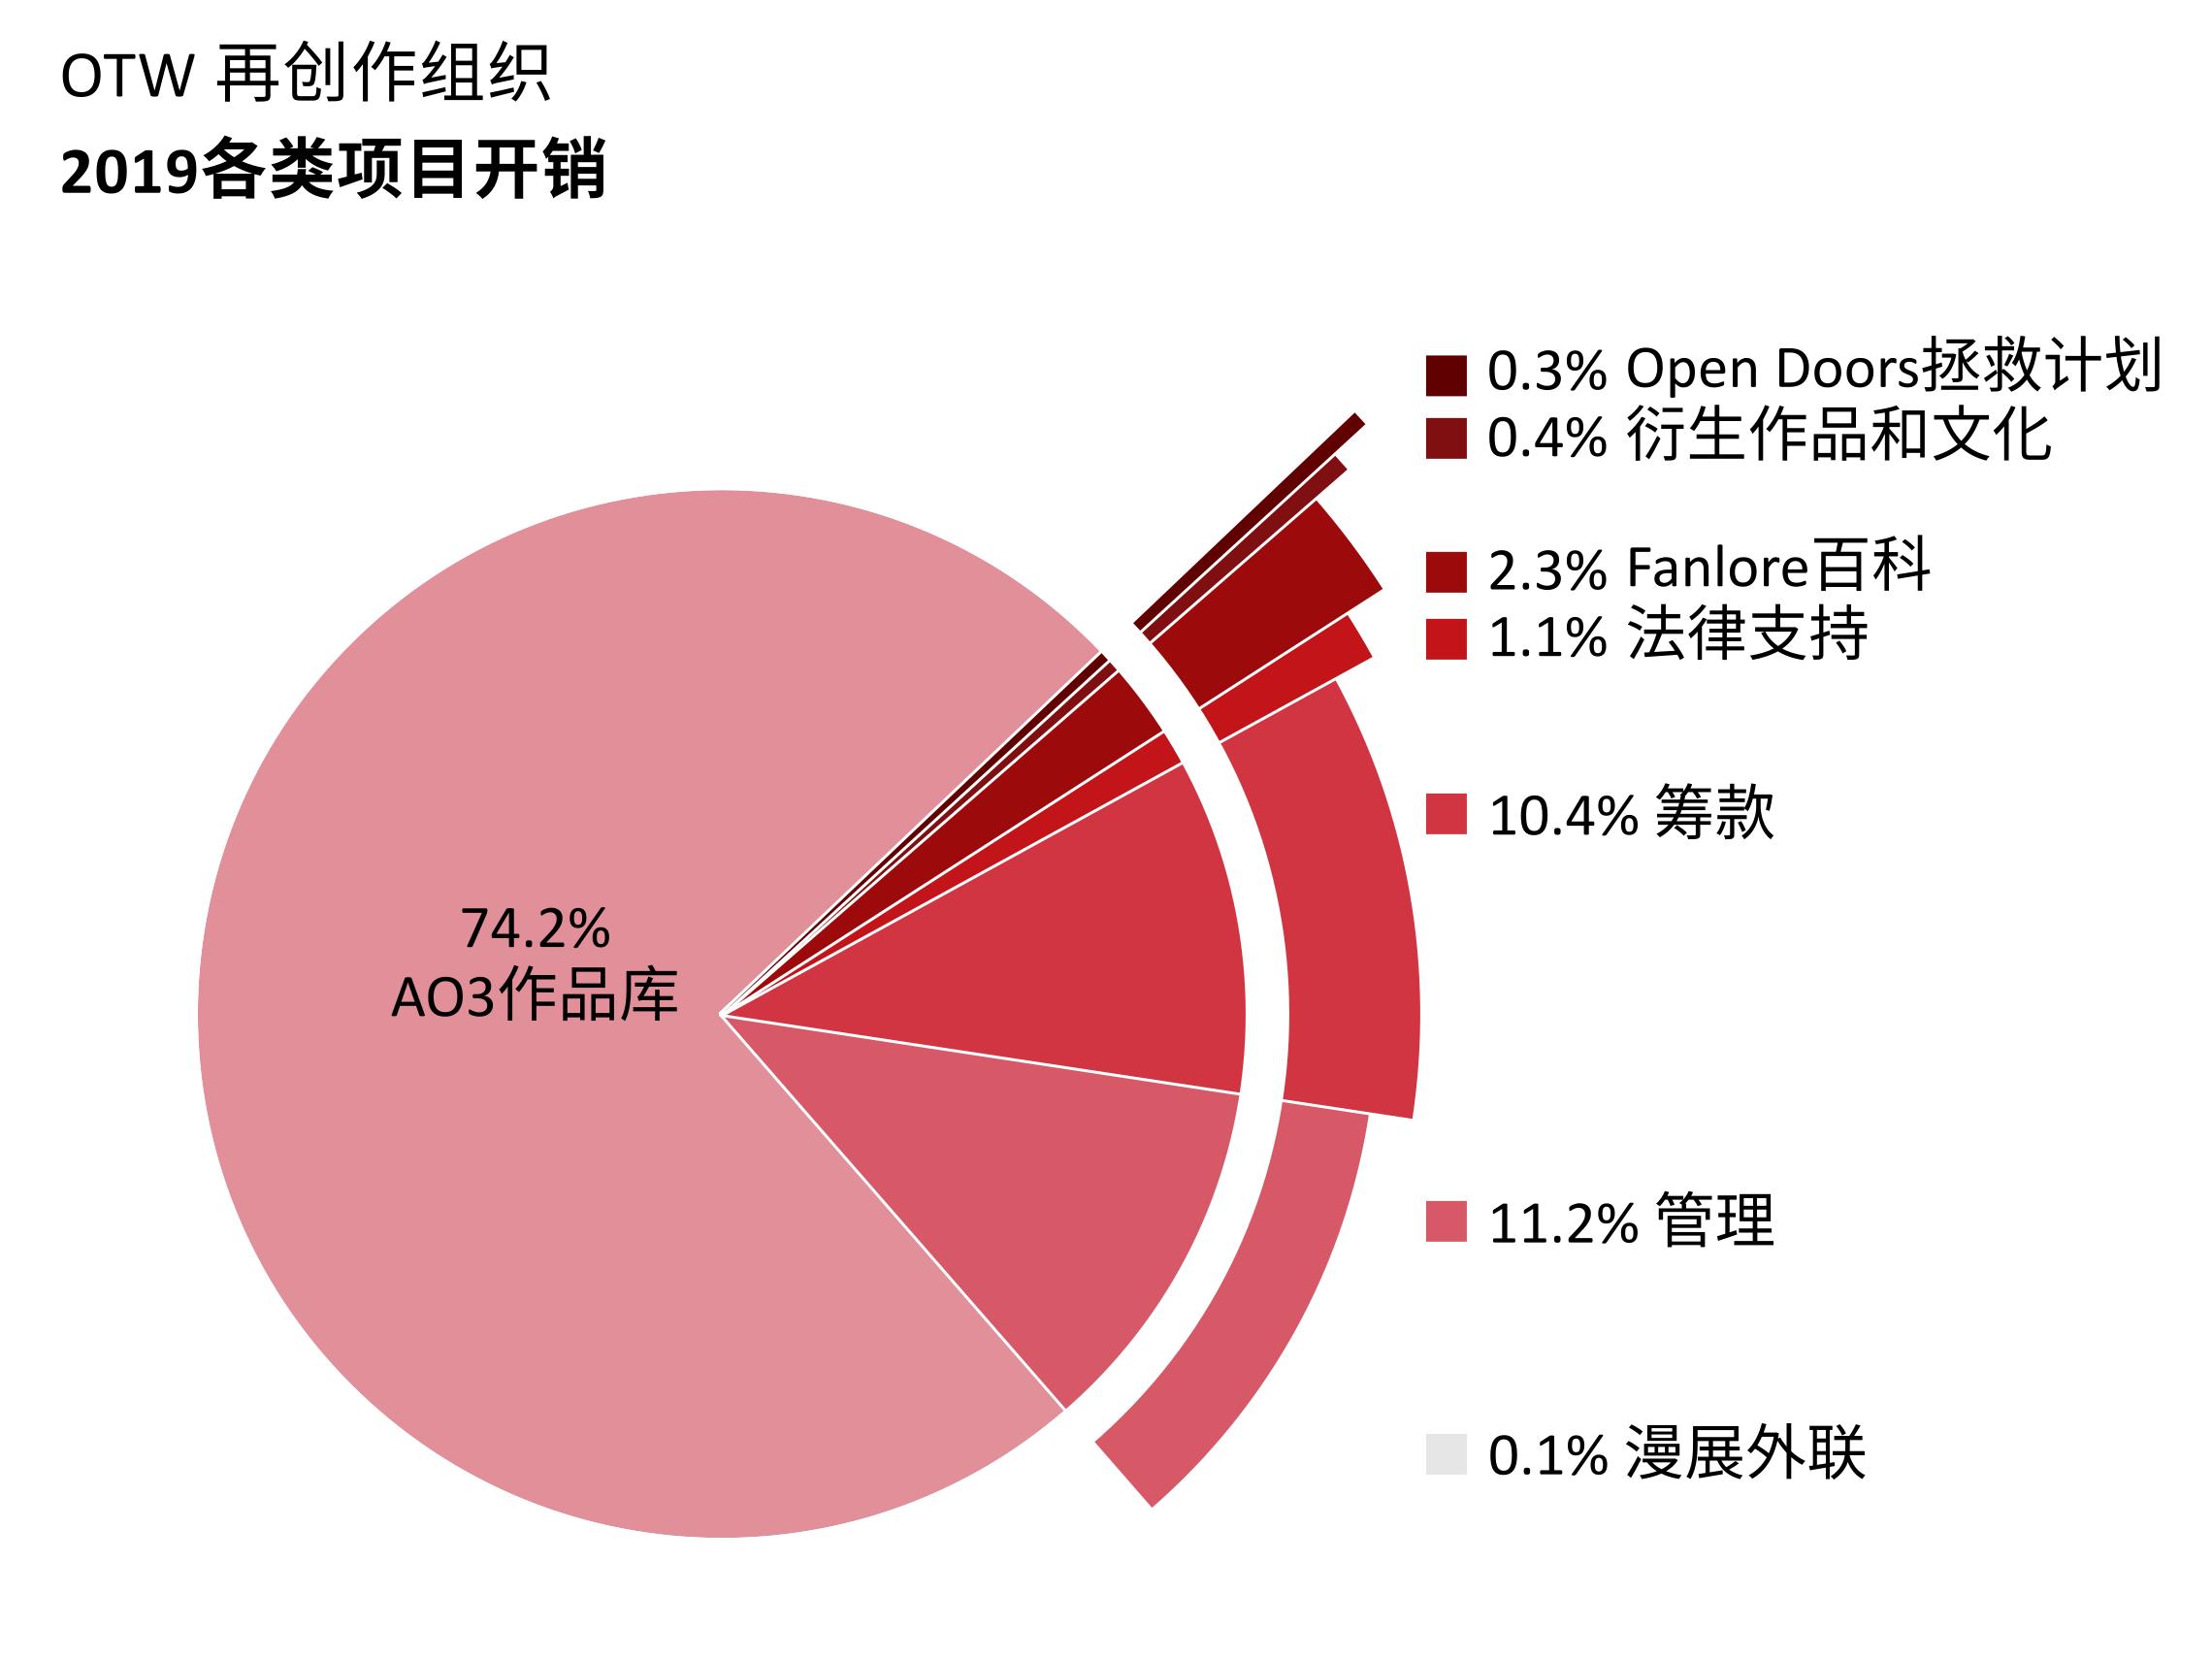 各项目开销:AO3作品库:74.2%。Open Doors拯救计划:0.3%。衍生作品和文化:0.4%。Fanlore百科:2.3%。法律支持:1.1%。漫展外联:0.1%。管理:11.2%。筹款:10.4%。